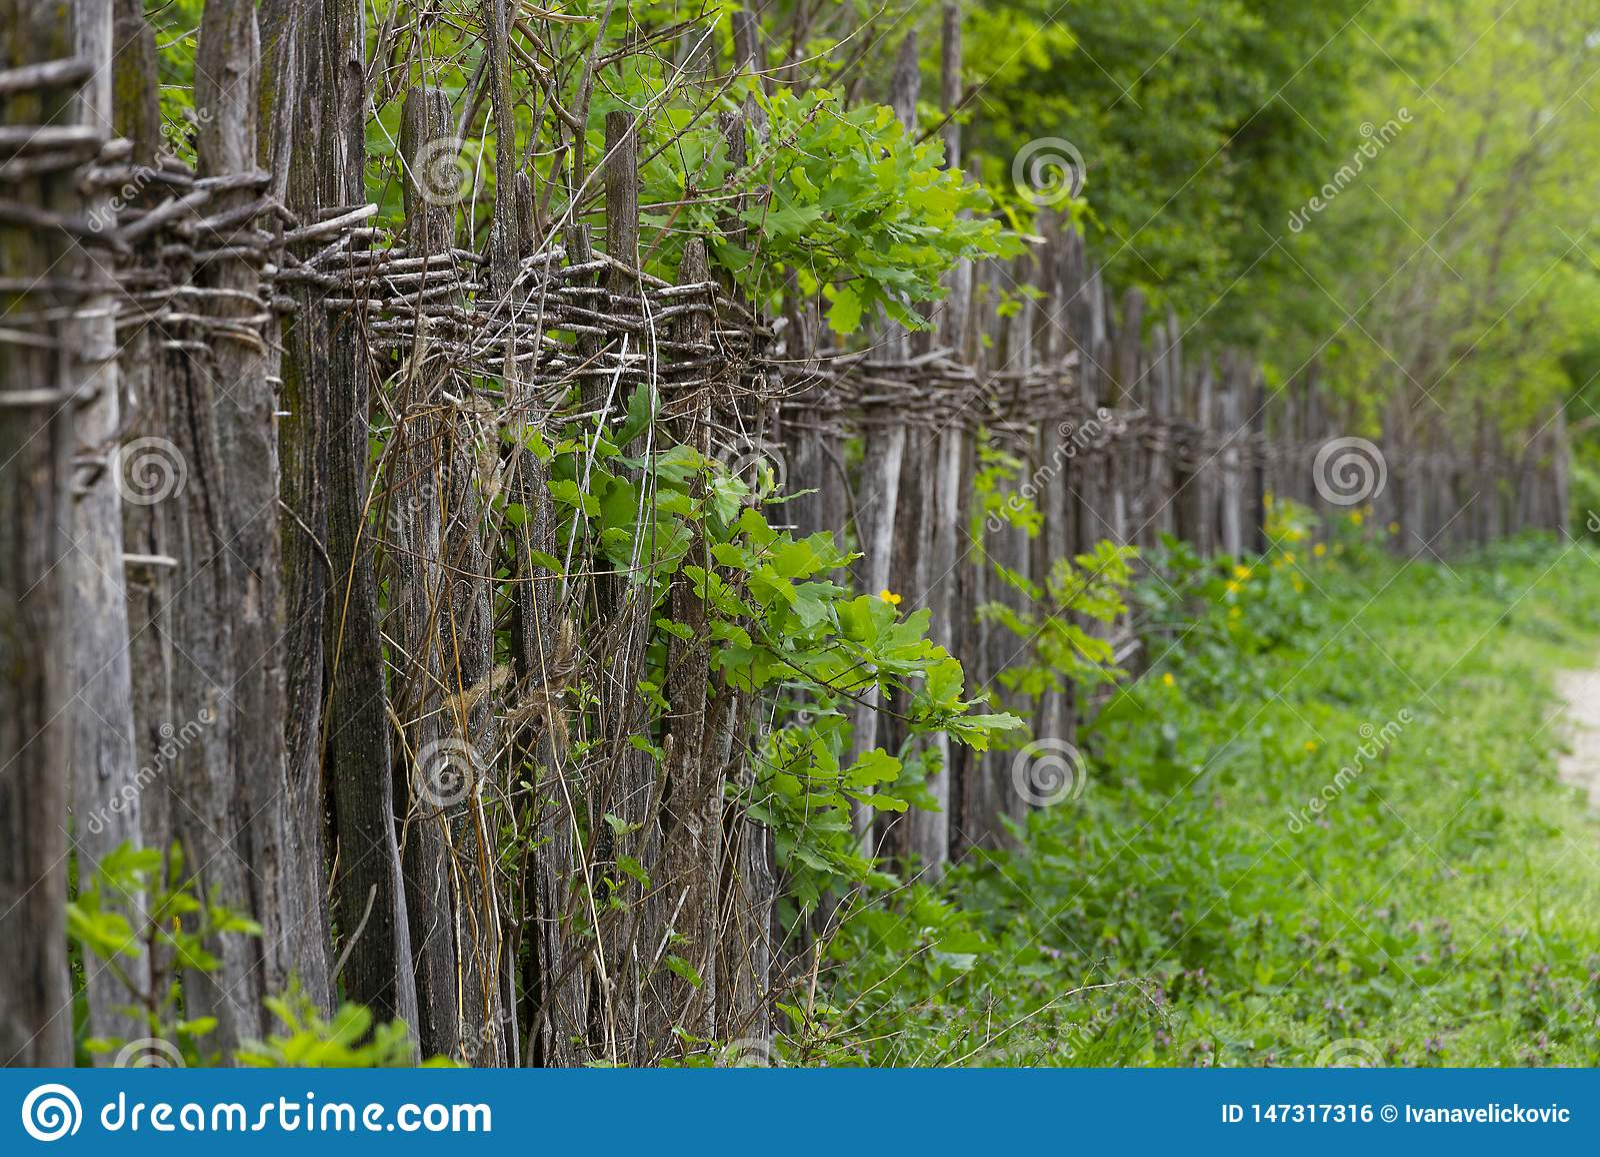 Ψιλός αγροτικός ψάθινος φράκτης παράλληλα με τον αγροτικό δρόμο